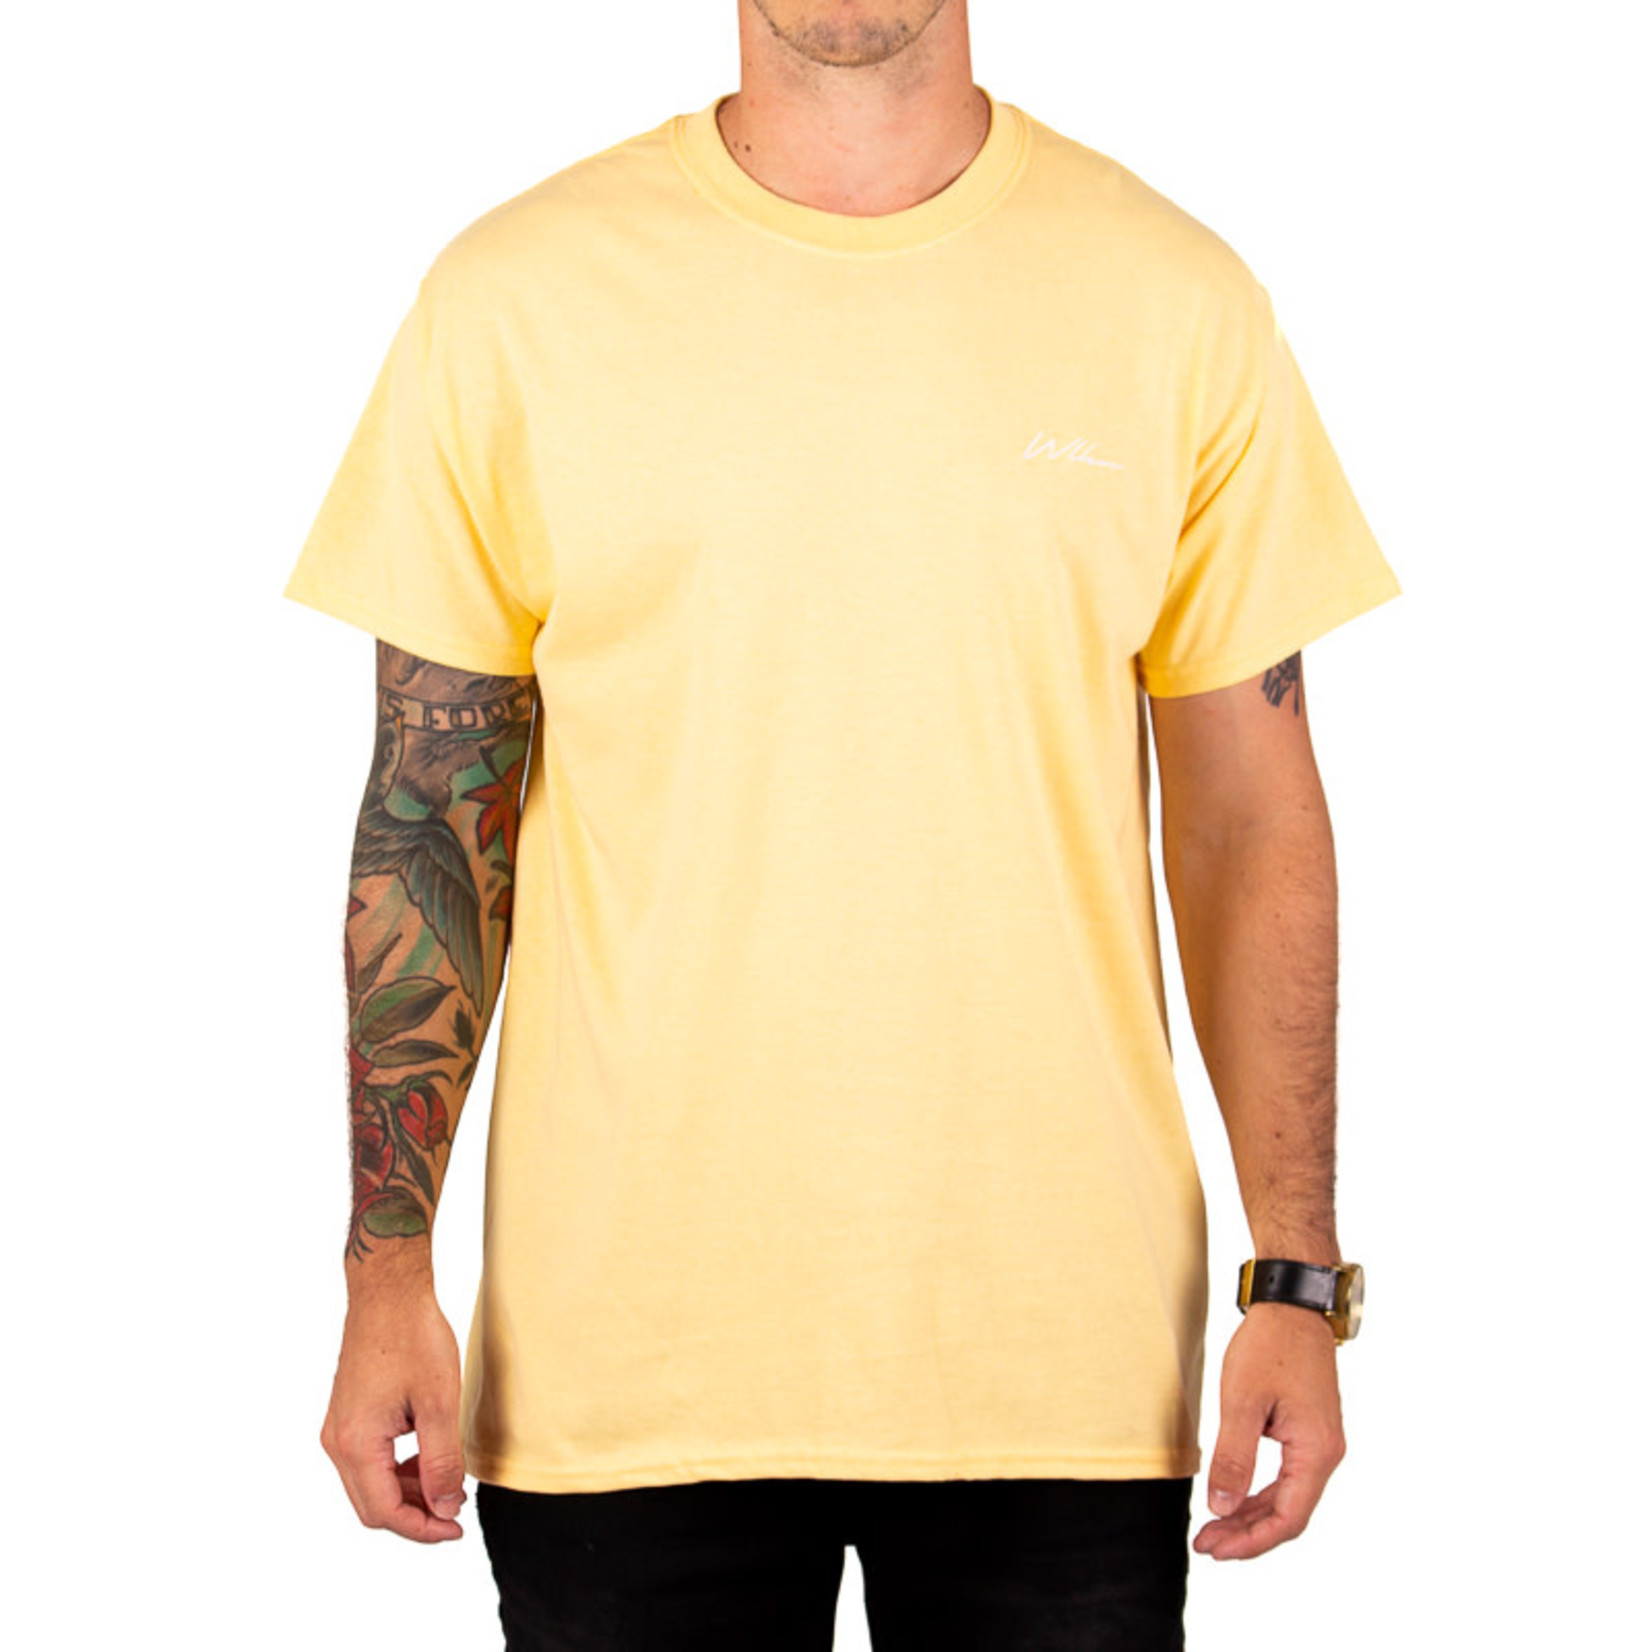 WLKN WLKN : Heart Script Logo T-Shirt